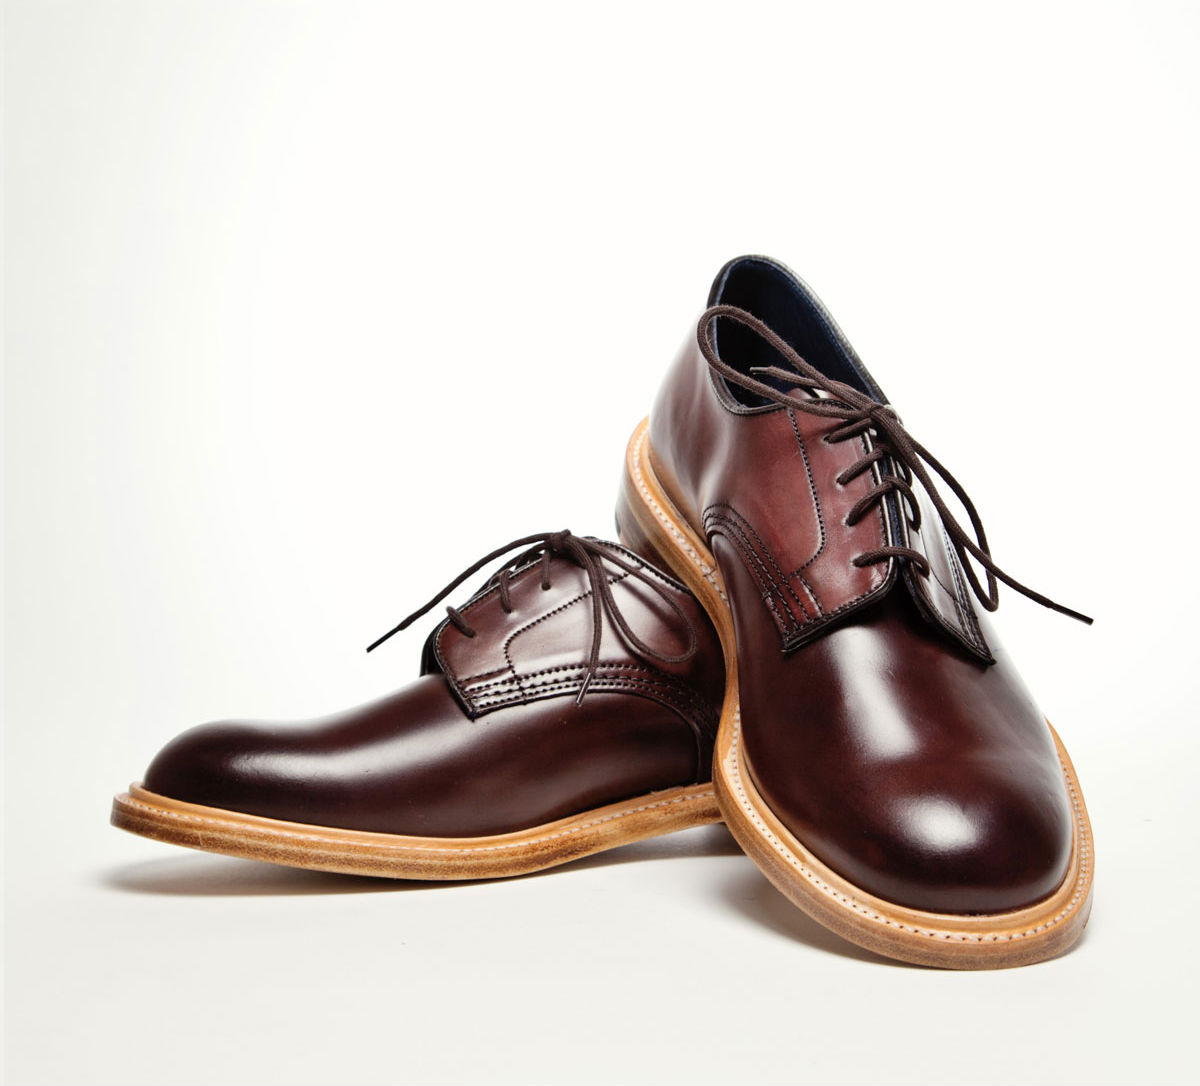 Мужские туфли Tricker's из коричневого итальянского кордована от Comipel